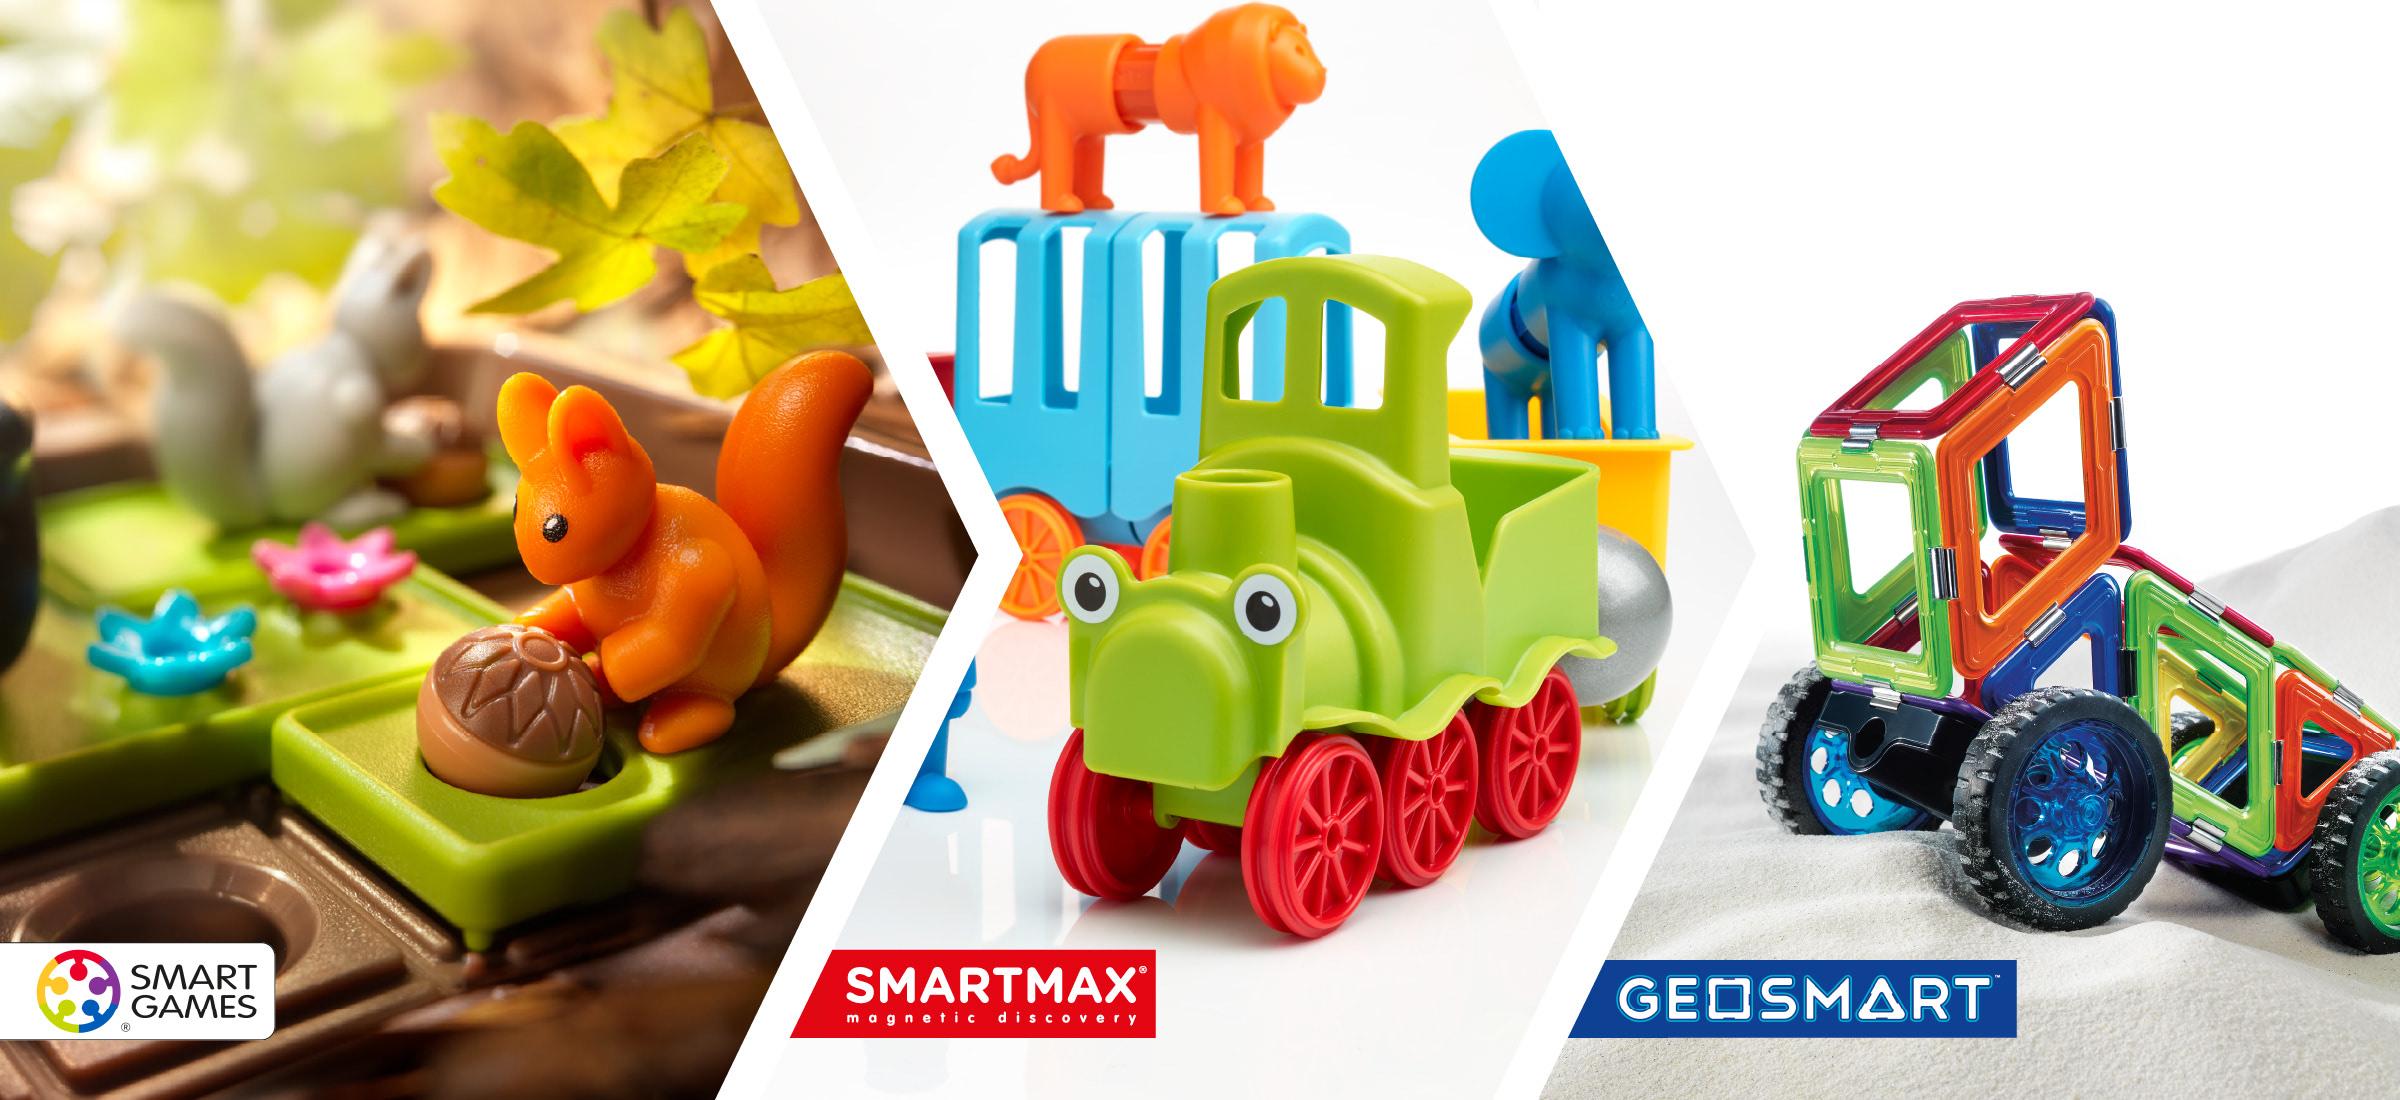 Unsere Marken, SmartGames, SmartMax und Geosmart